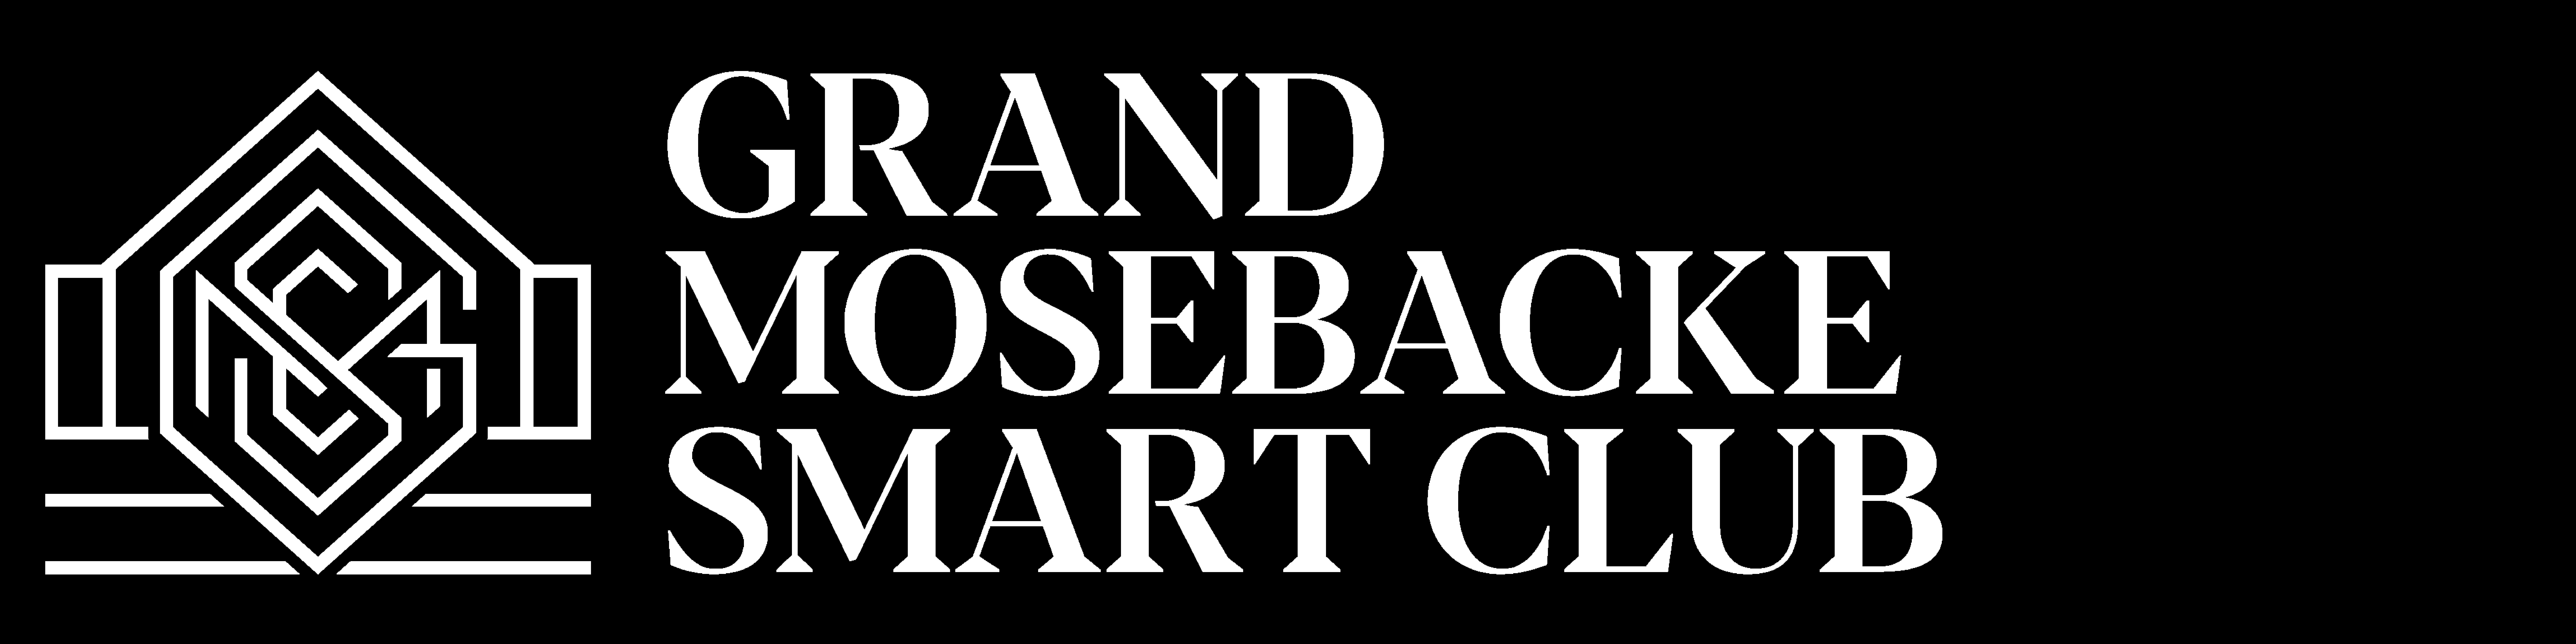 Grand Mosebacke SMART Club